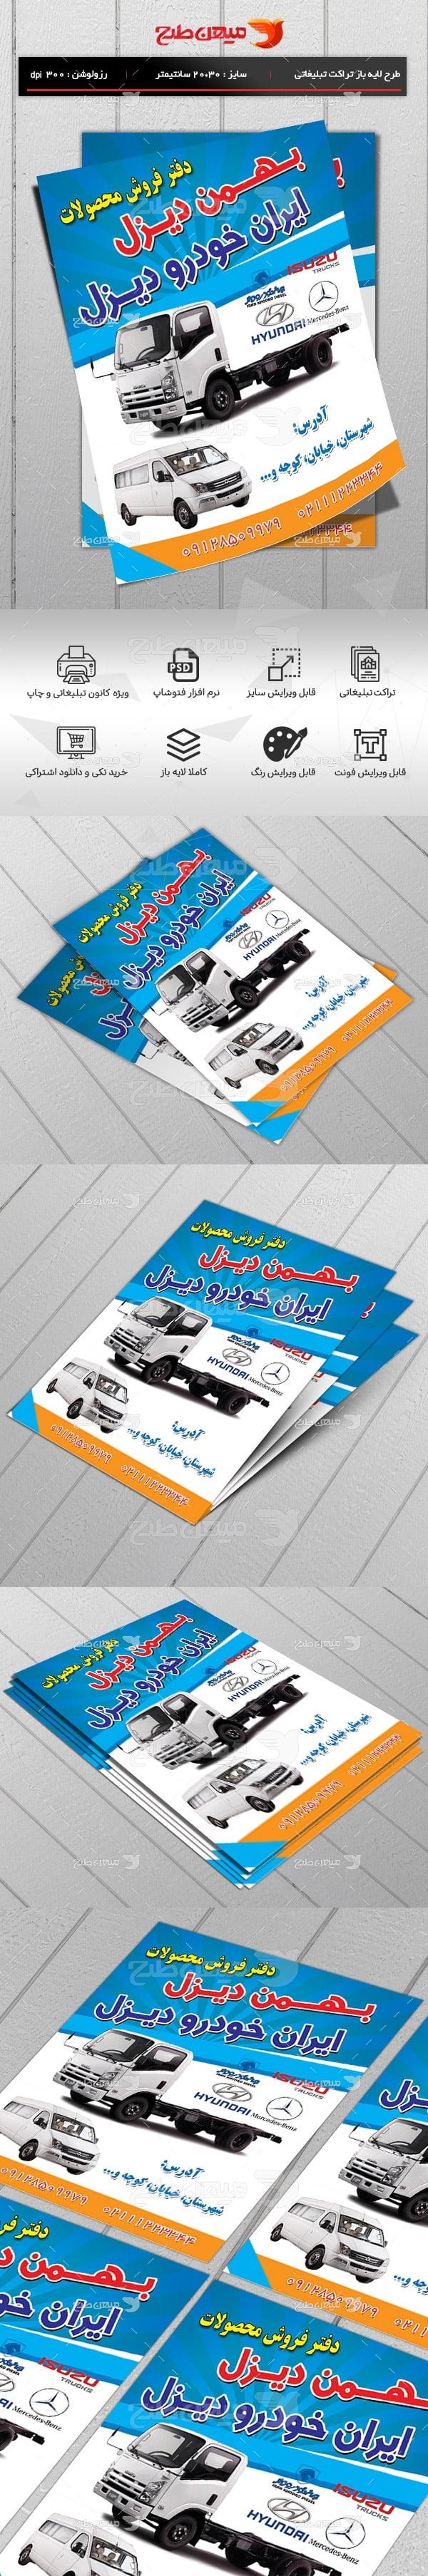 طرح پوستر فروش محصولات بهمن دیزل و ایران خودرو دیزل